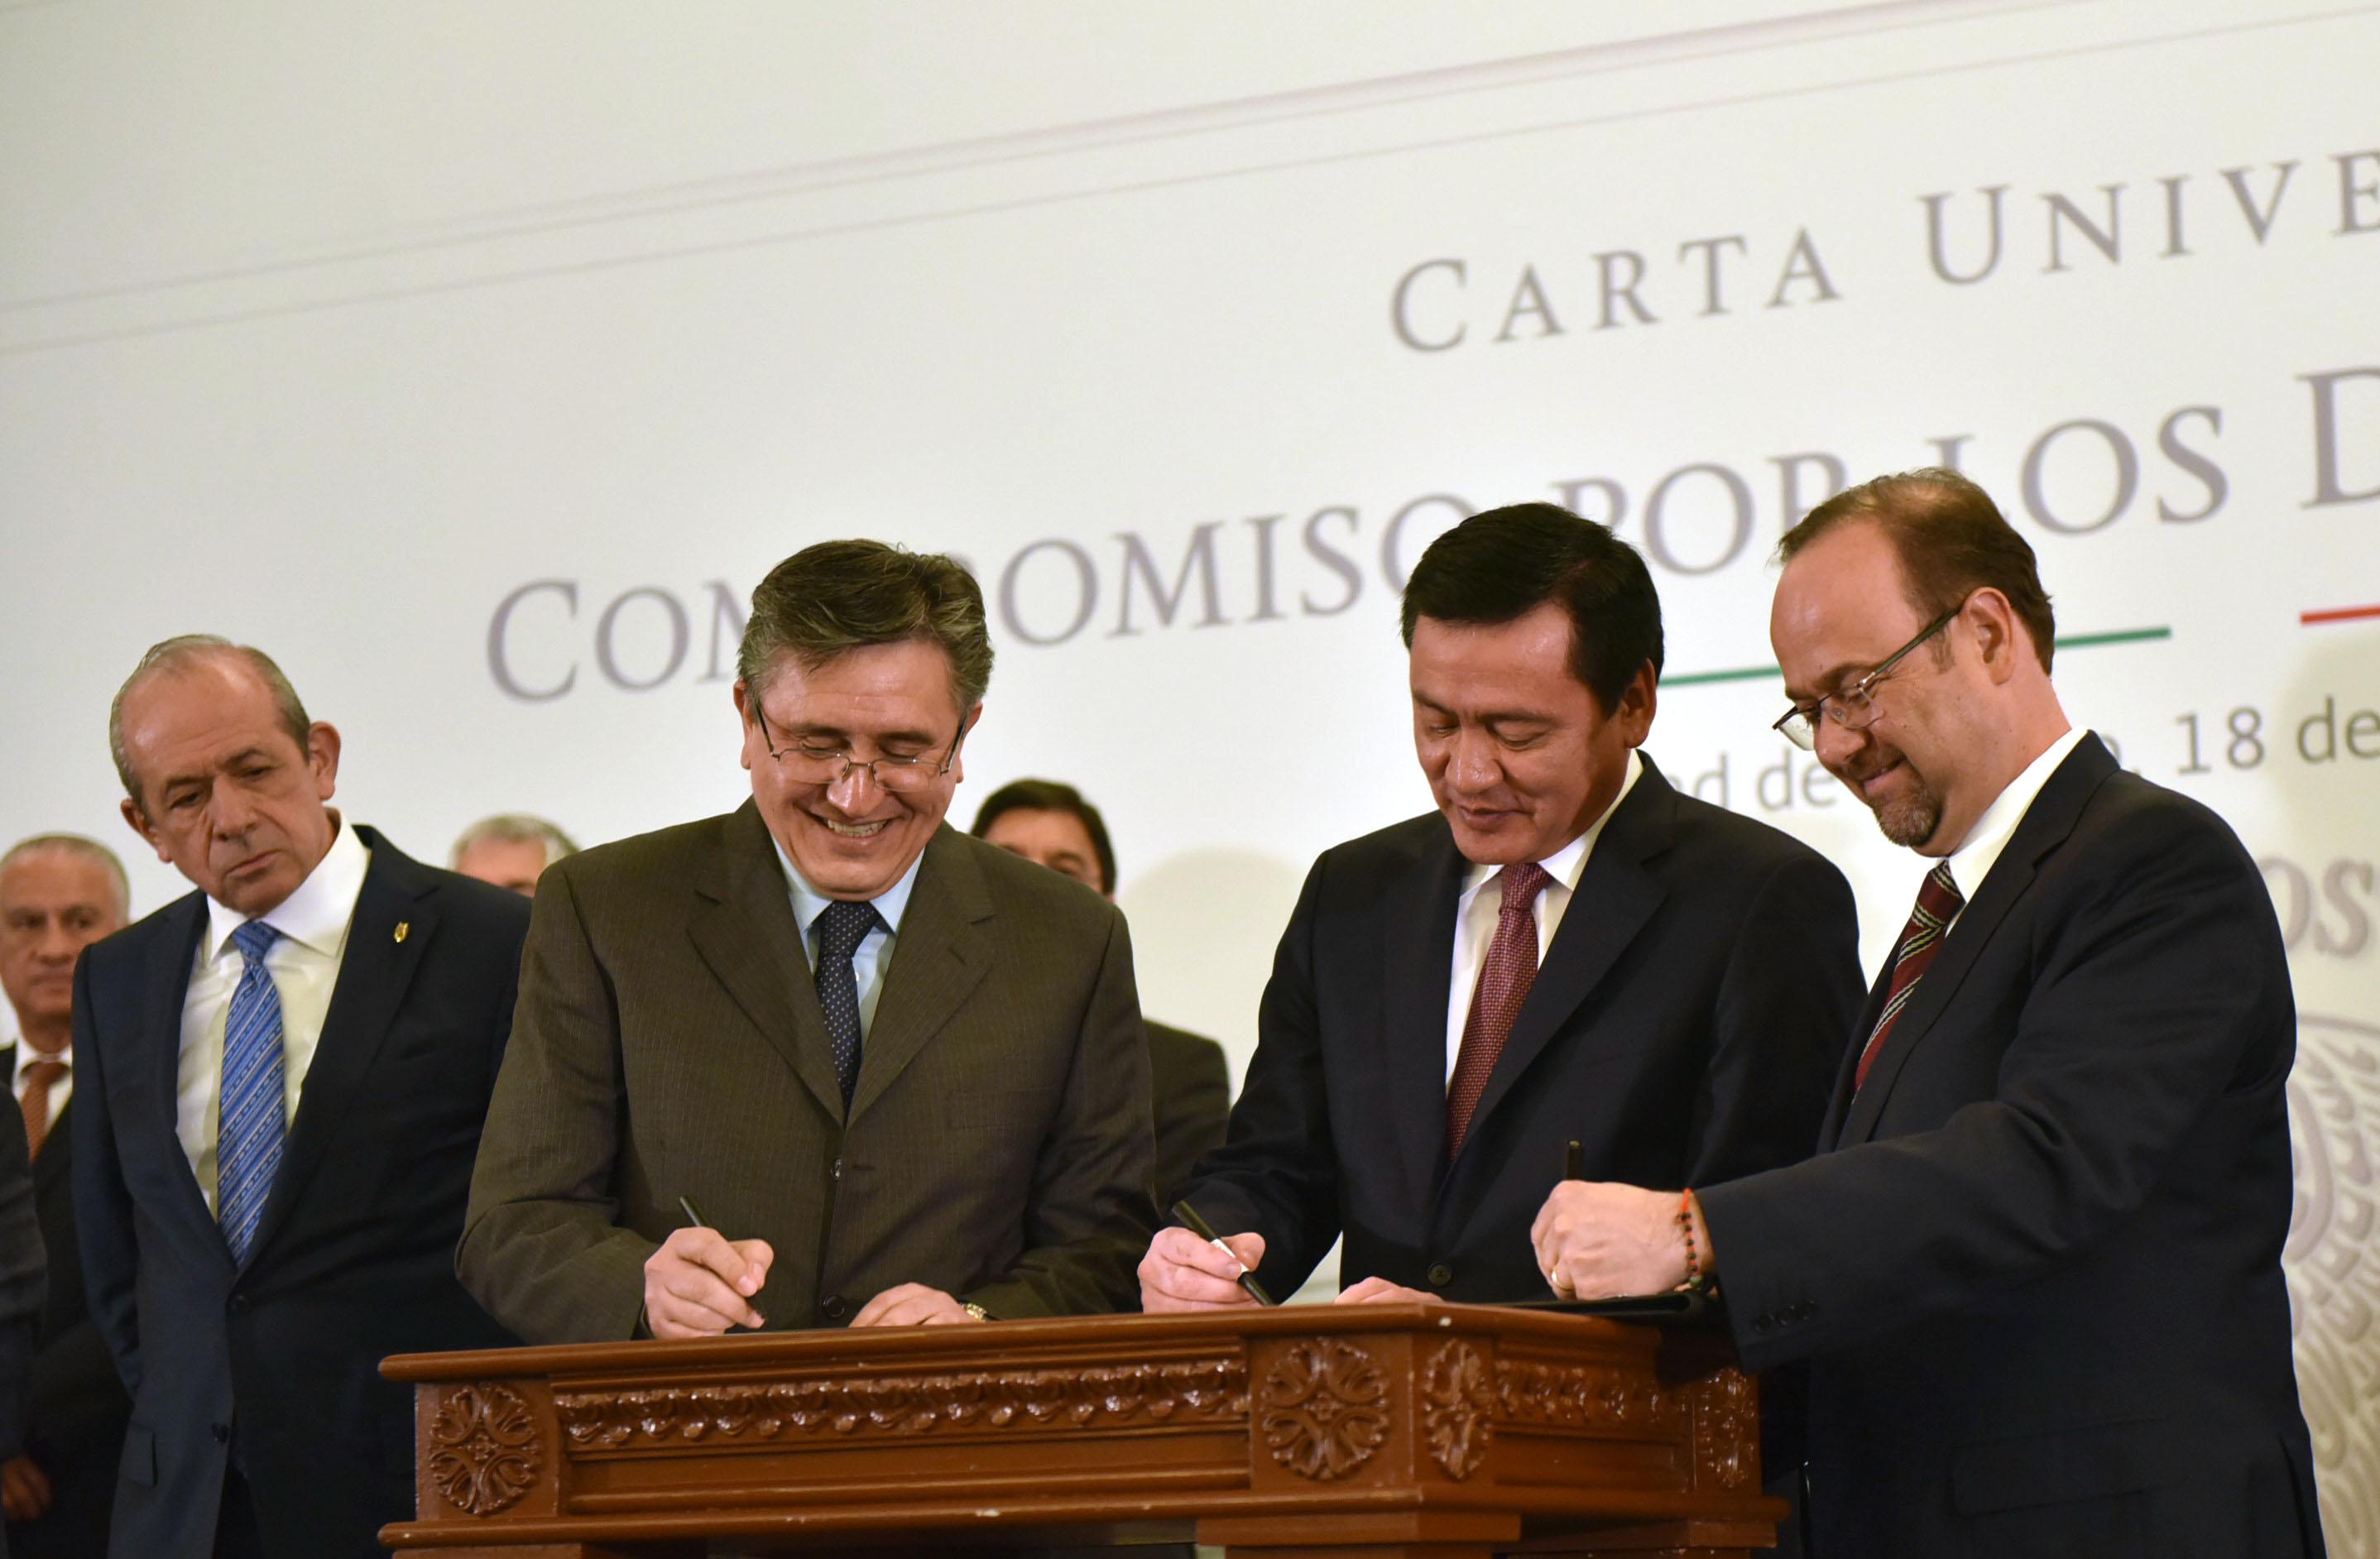 El Secretario de Gobernación firmó la Carta Compromiso por los Derechos Humanos con la ANUIES